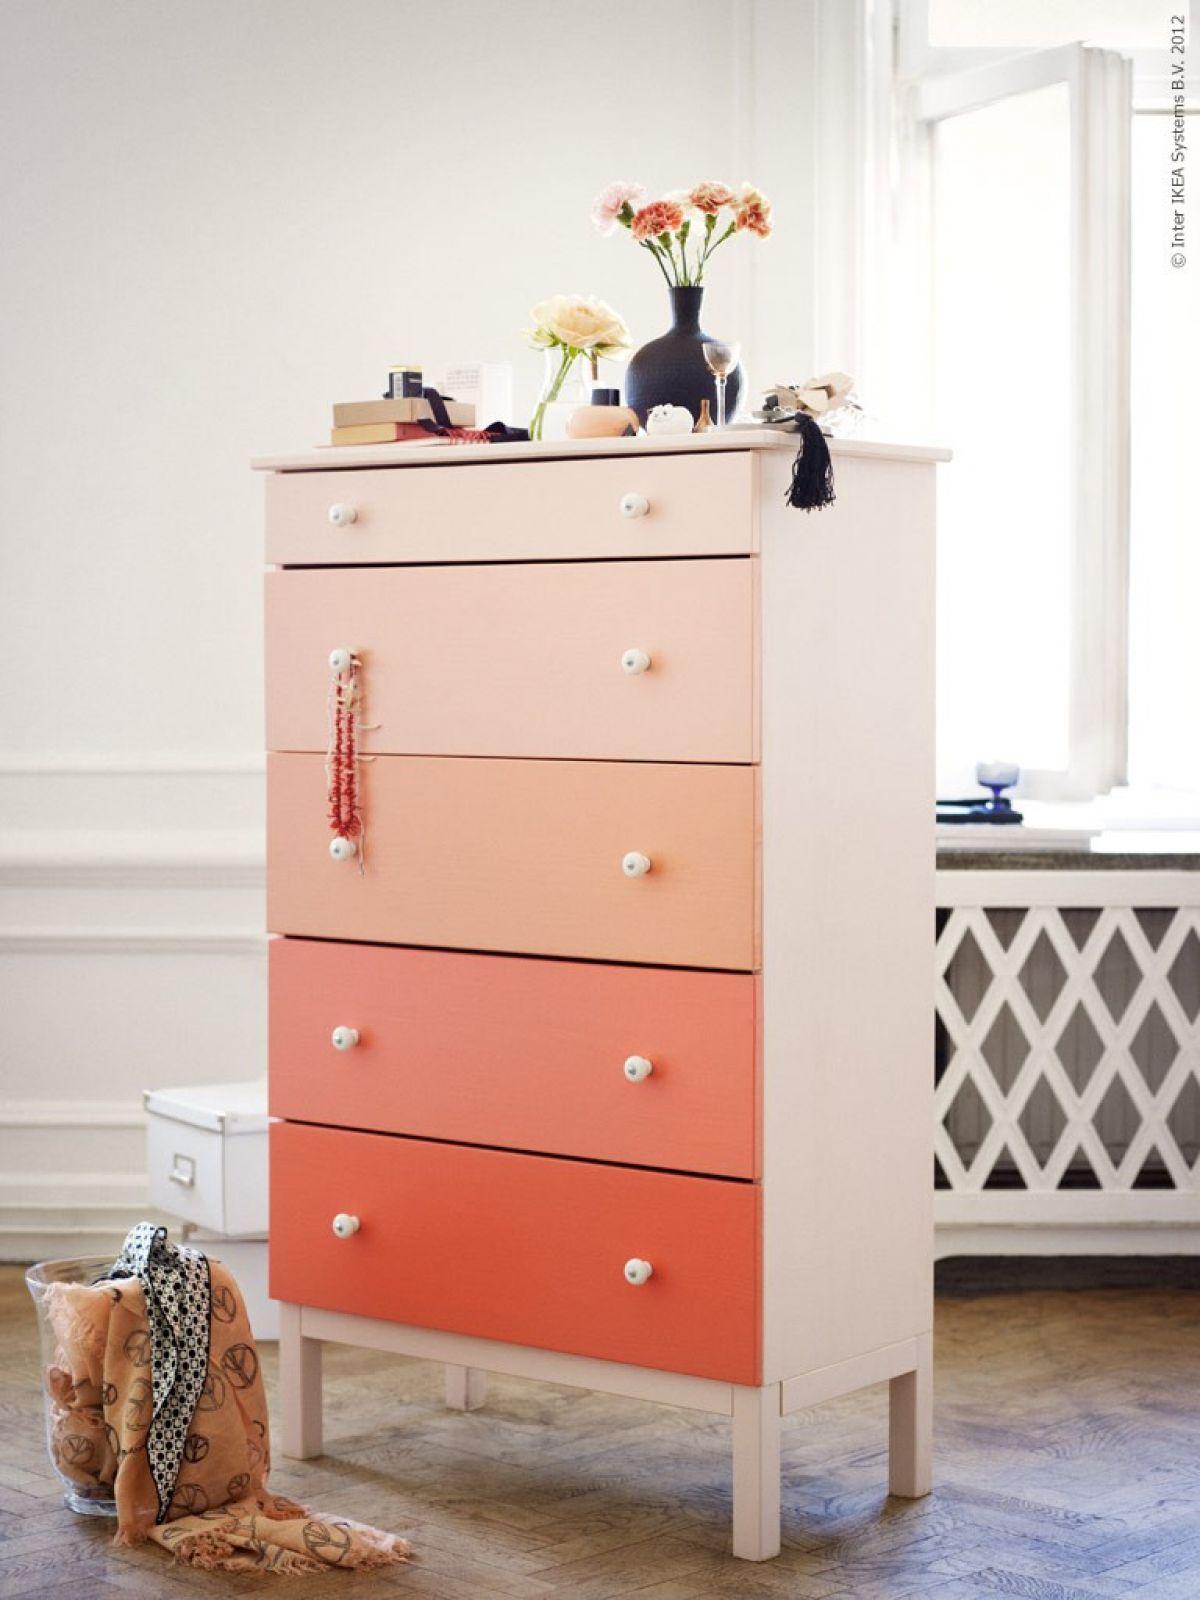 ideas originales para dar vida a los muebles viejos, cofre pintado en bonitos colores con efecto ombre, fotos de muebles restaurados